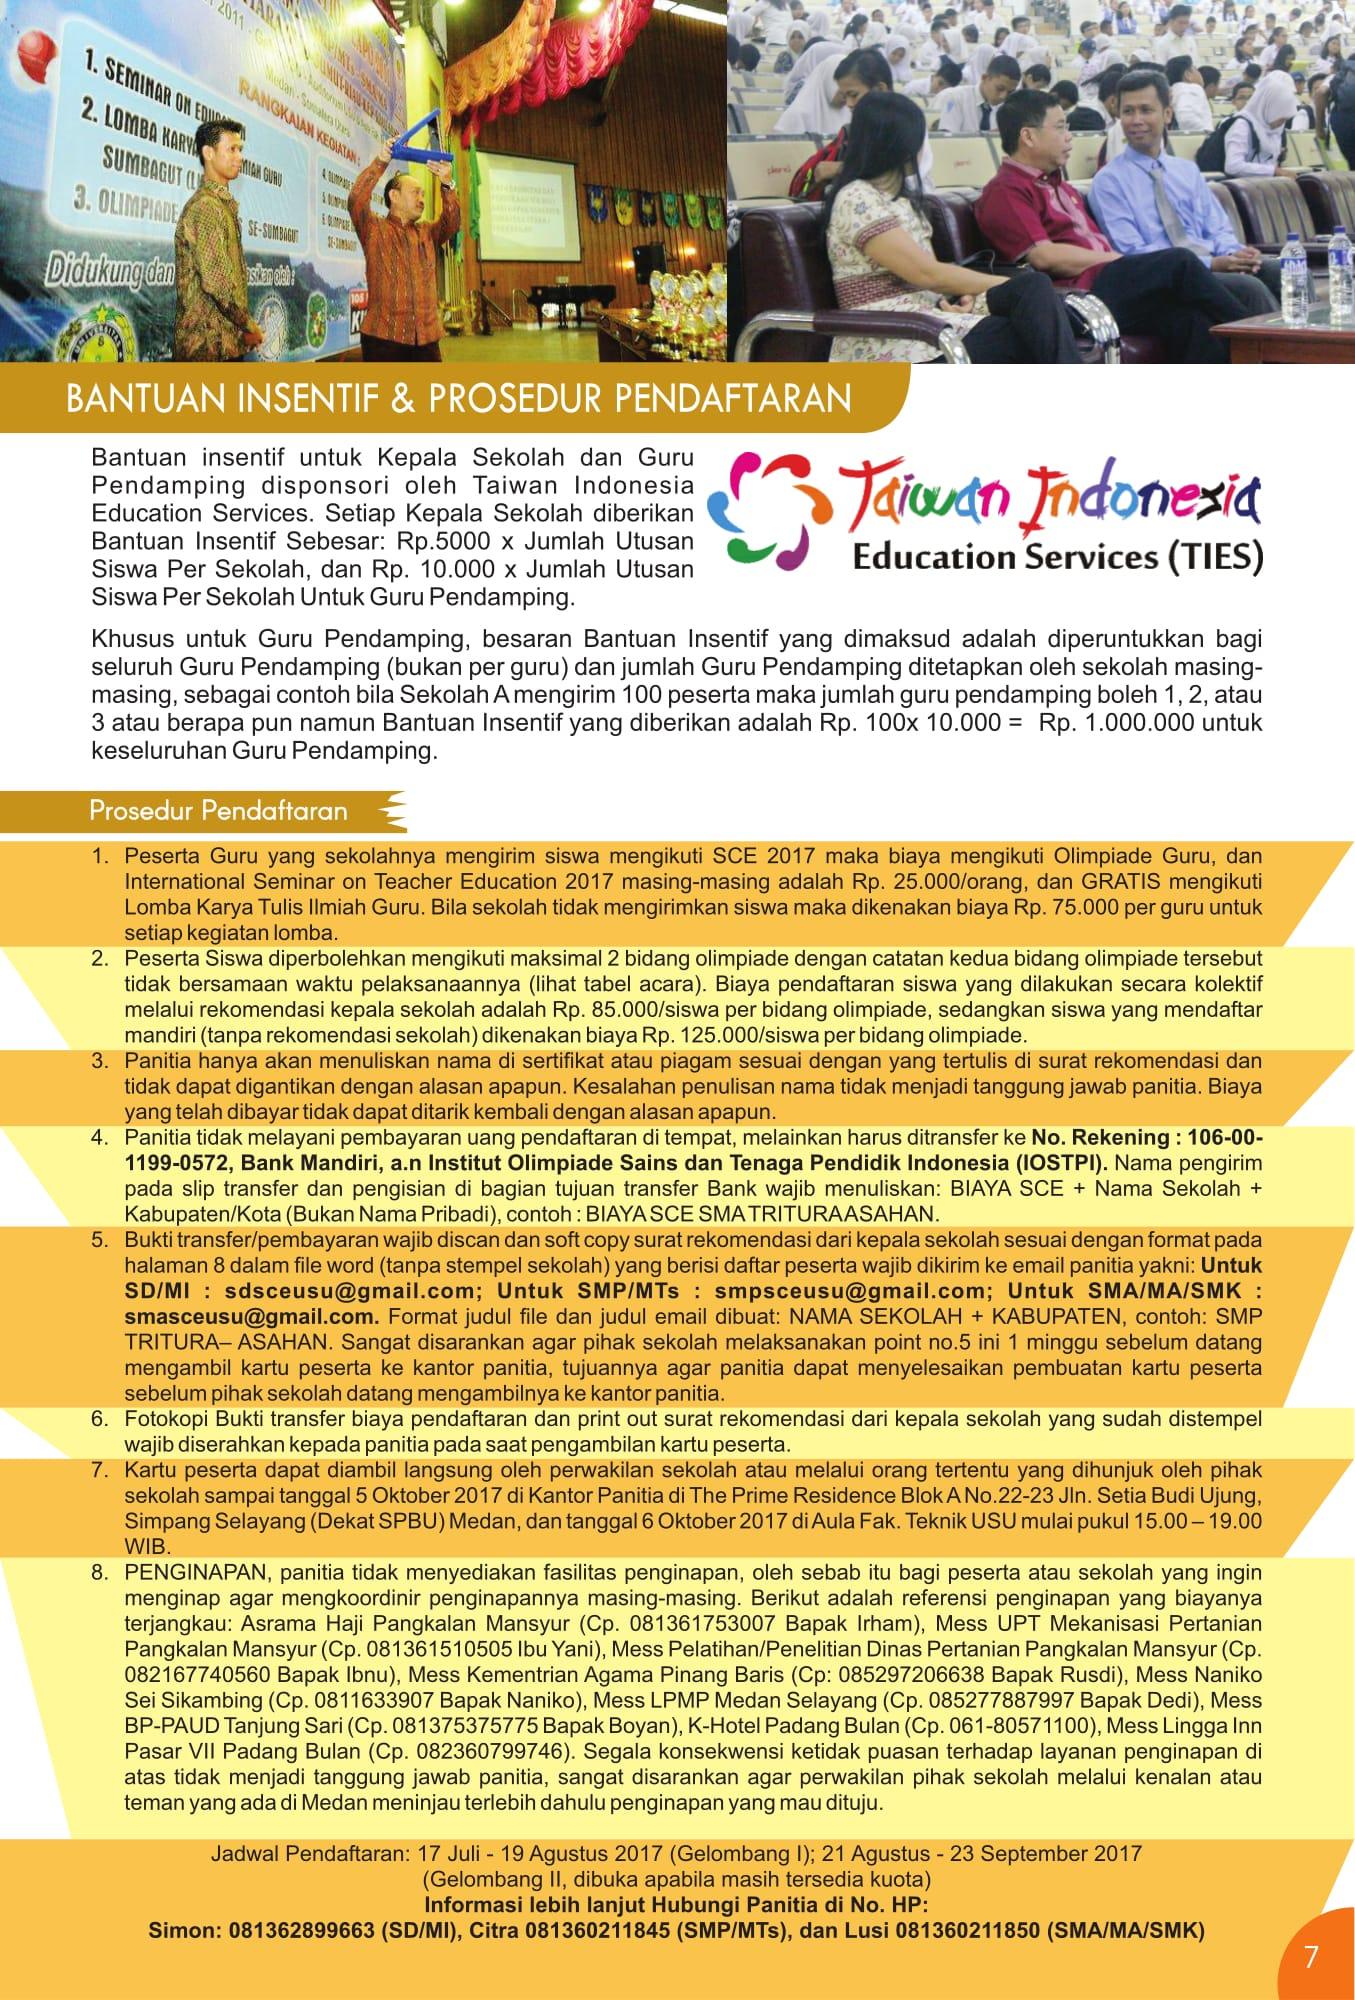 Prosedur Pendaftaran SCE 2017 - Mula Sigiro